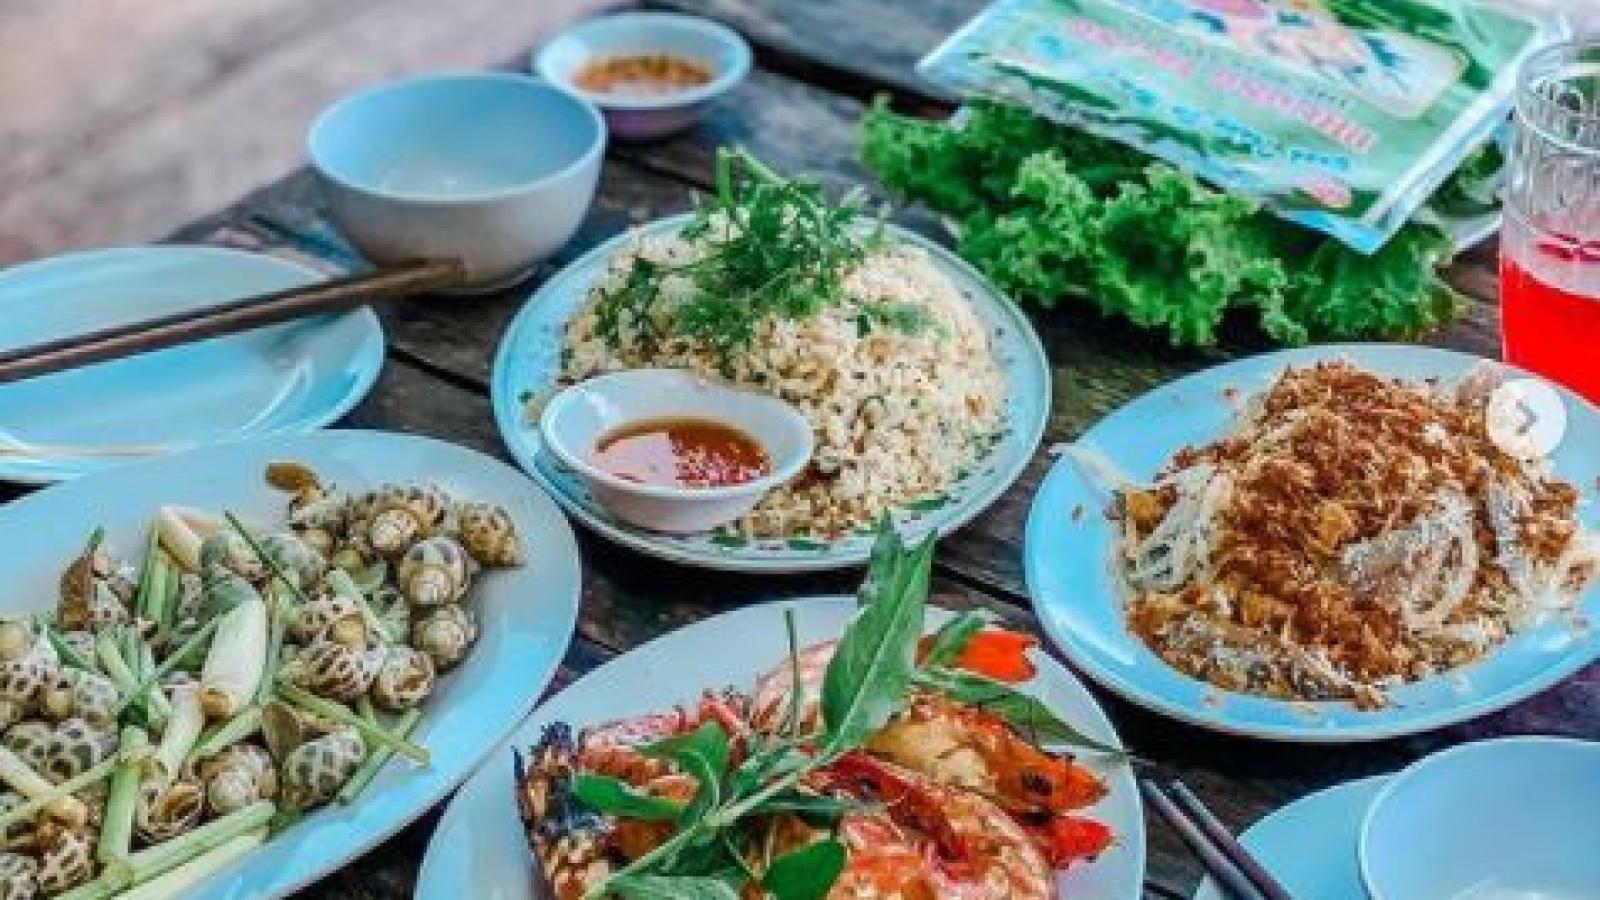 Khám phá tour ẩm thực Phú Quốc đặc sắc chỉ từ 50.000đ tại Phú Quốc United Center